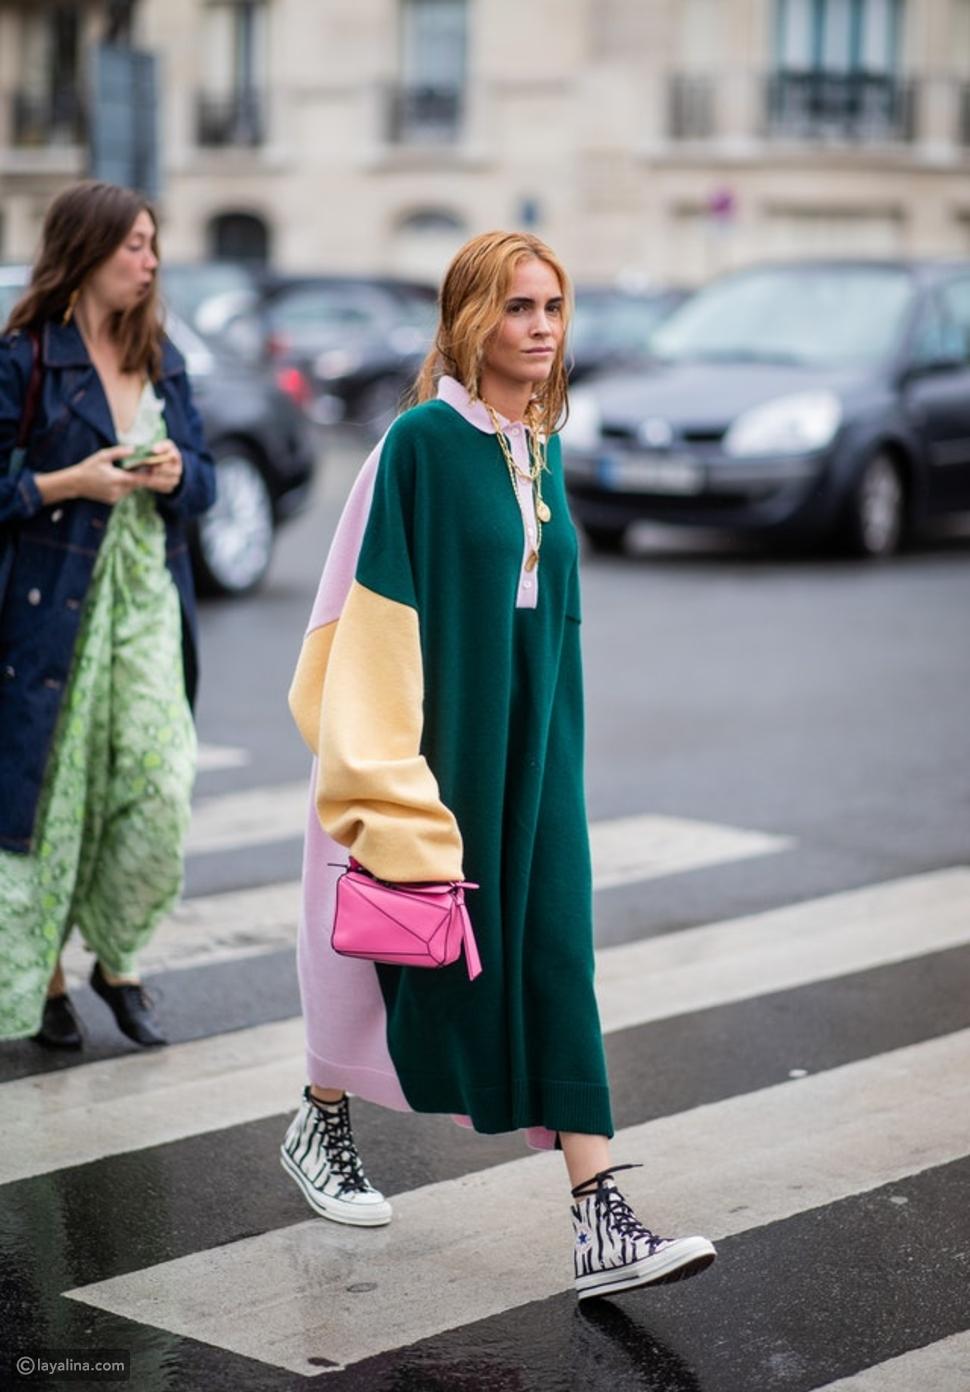 كيفية ارتداء فستان محبوك مع حذاء رياضي وحقيبة يد أنيقة